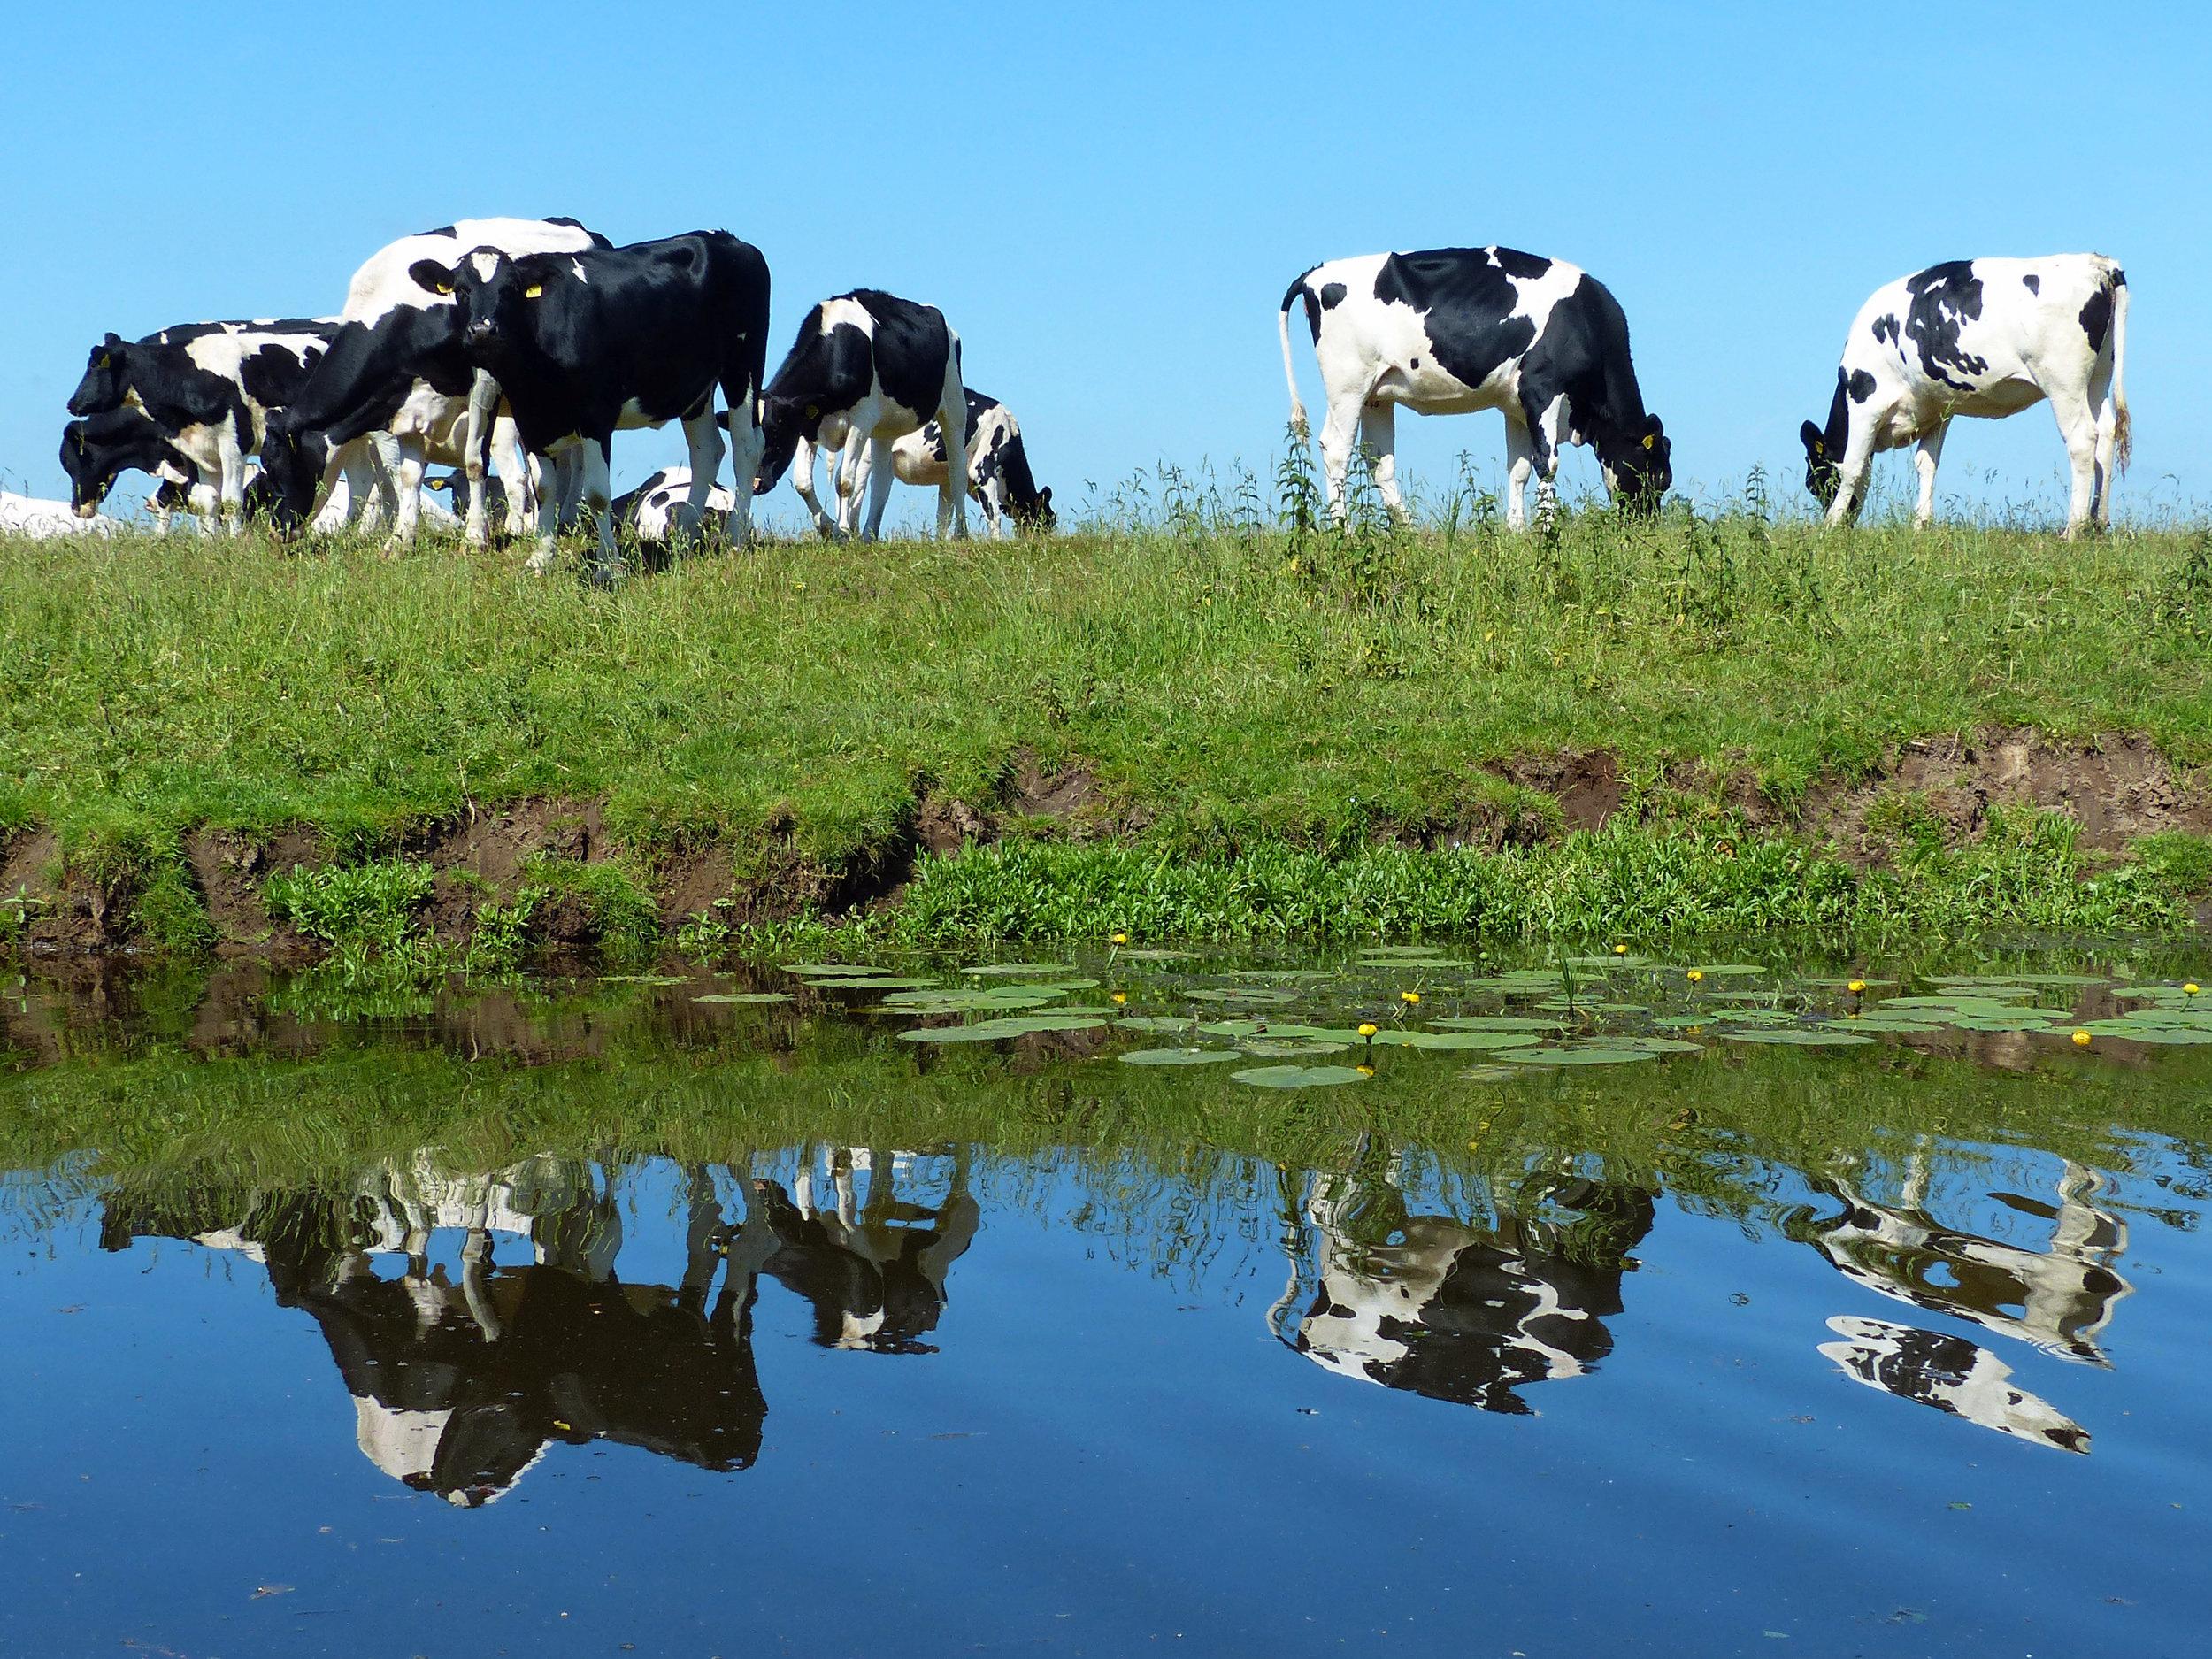 Fotograaf Claudy Kelder - Zwartbonte koeien